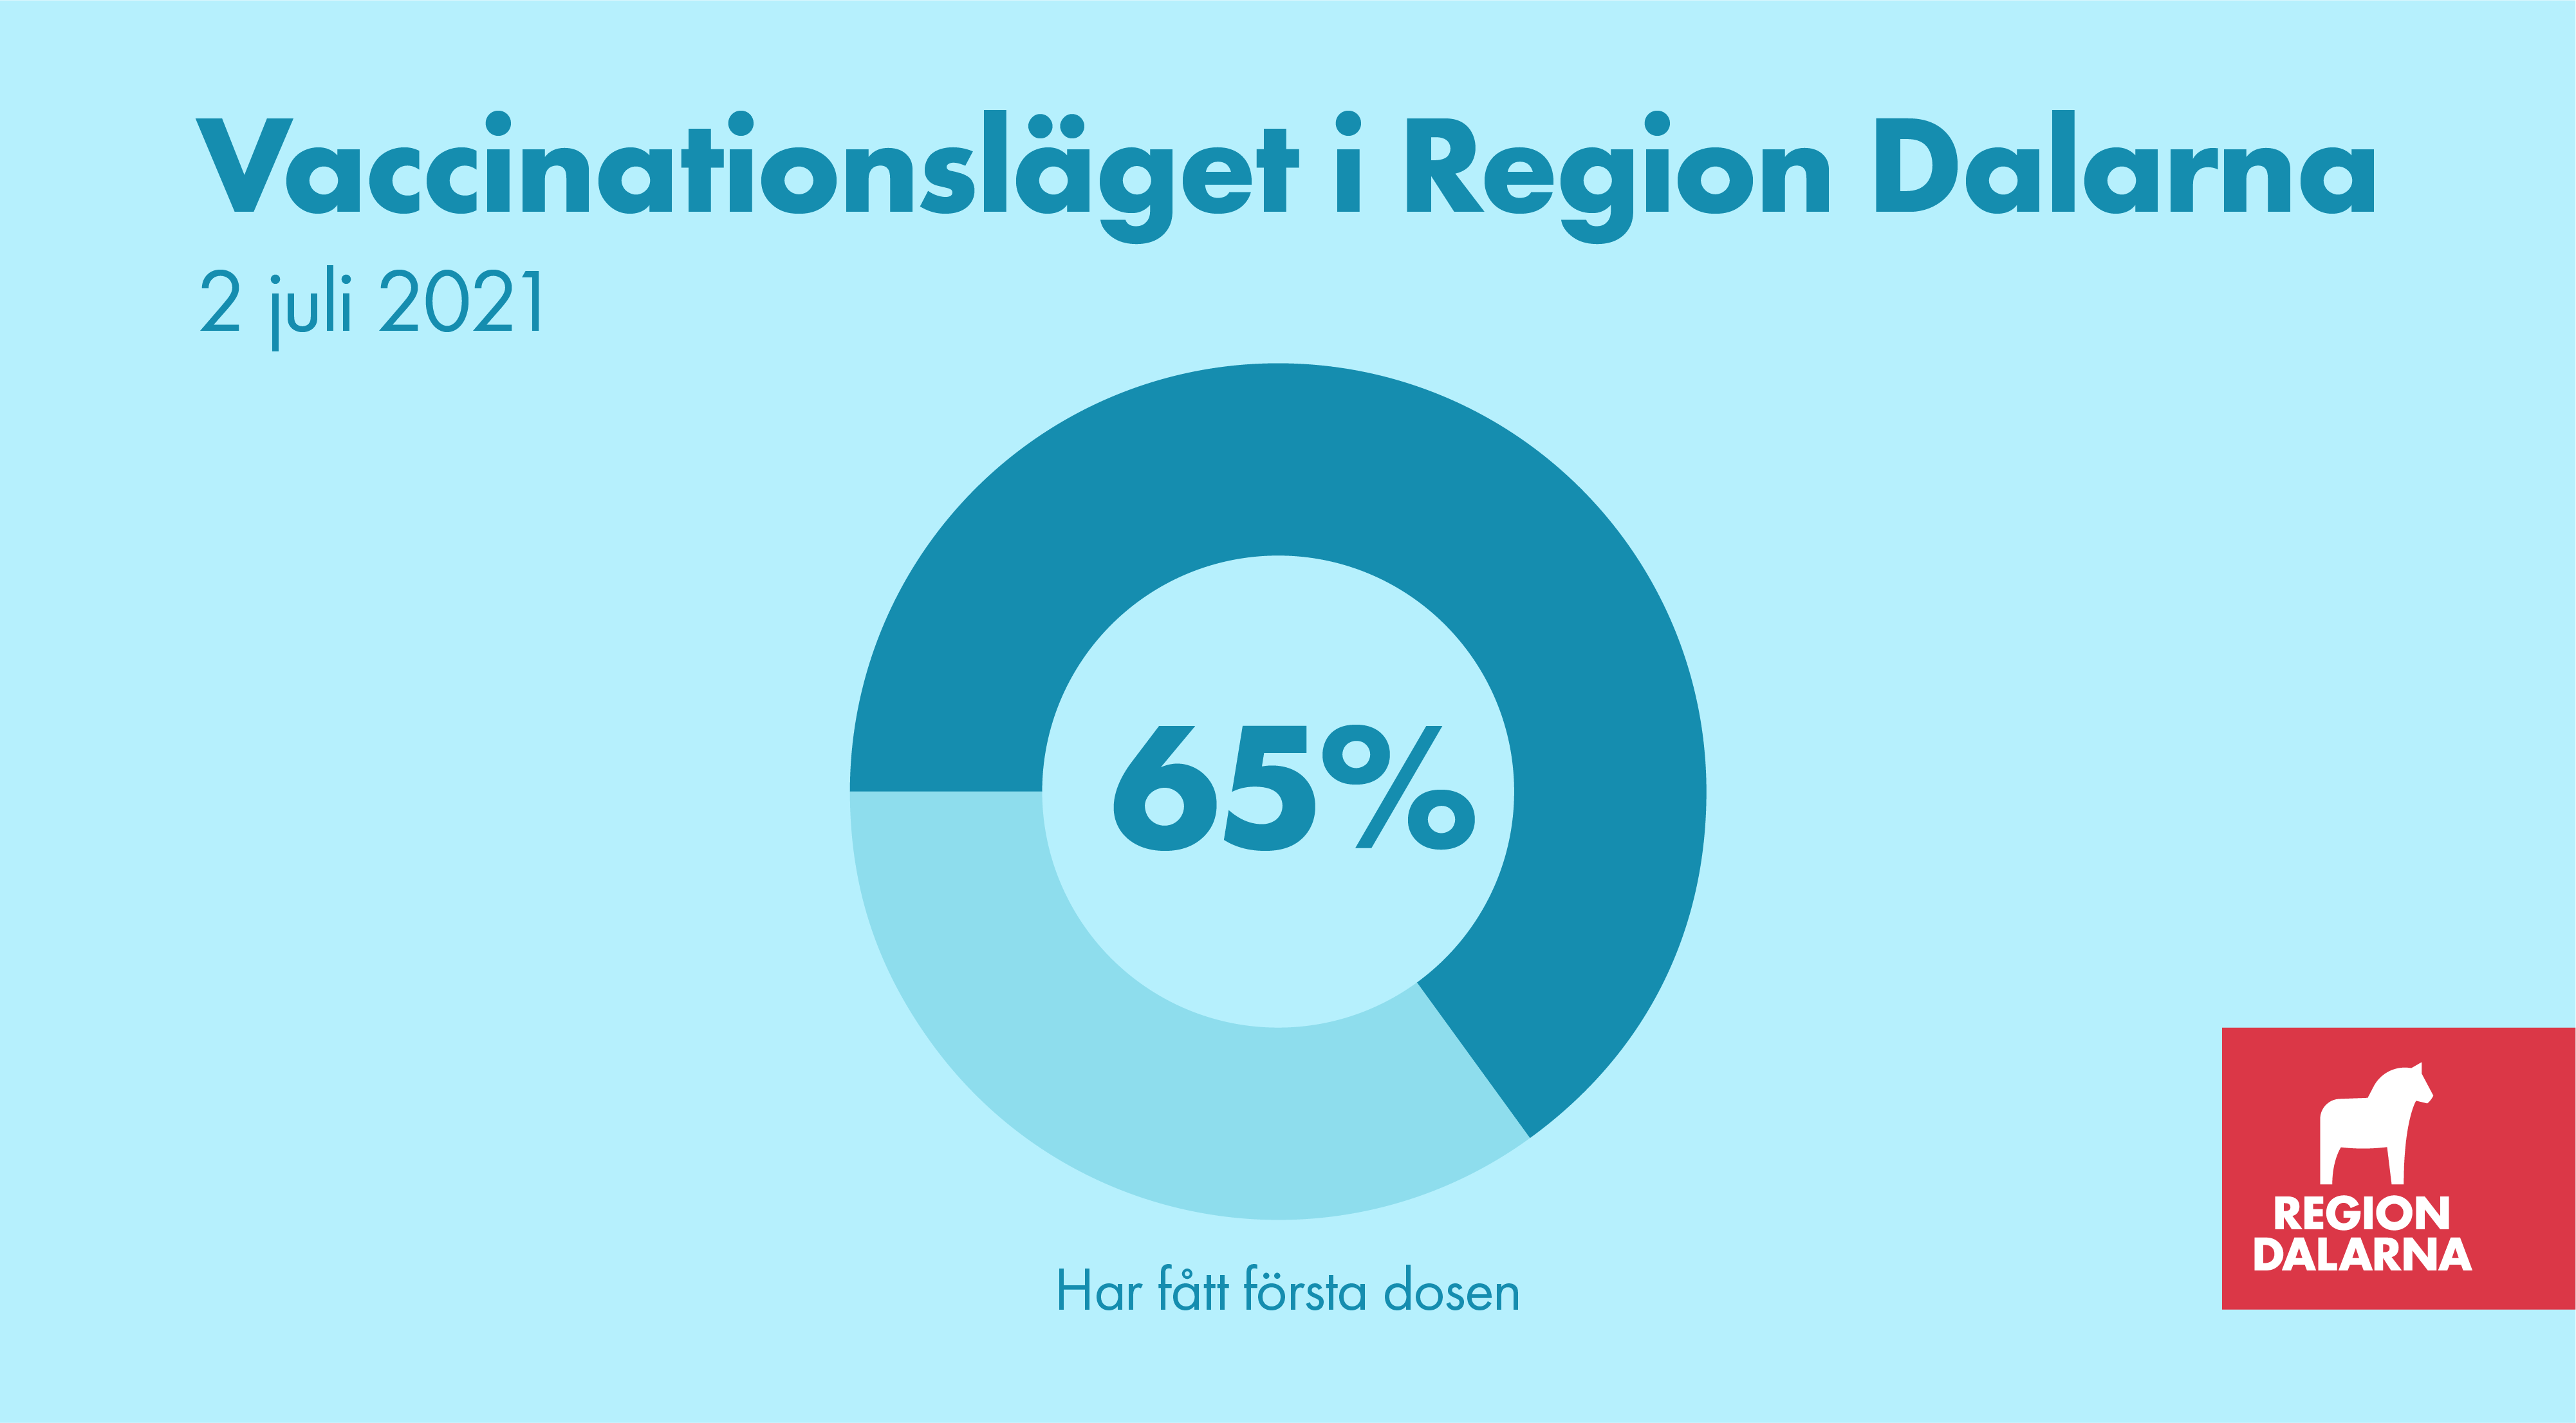 Vaccinationsläget i Region Dalarna: 2 juli 2021